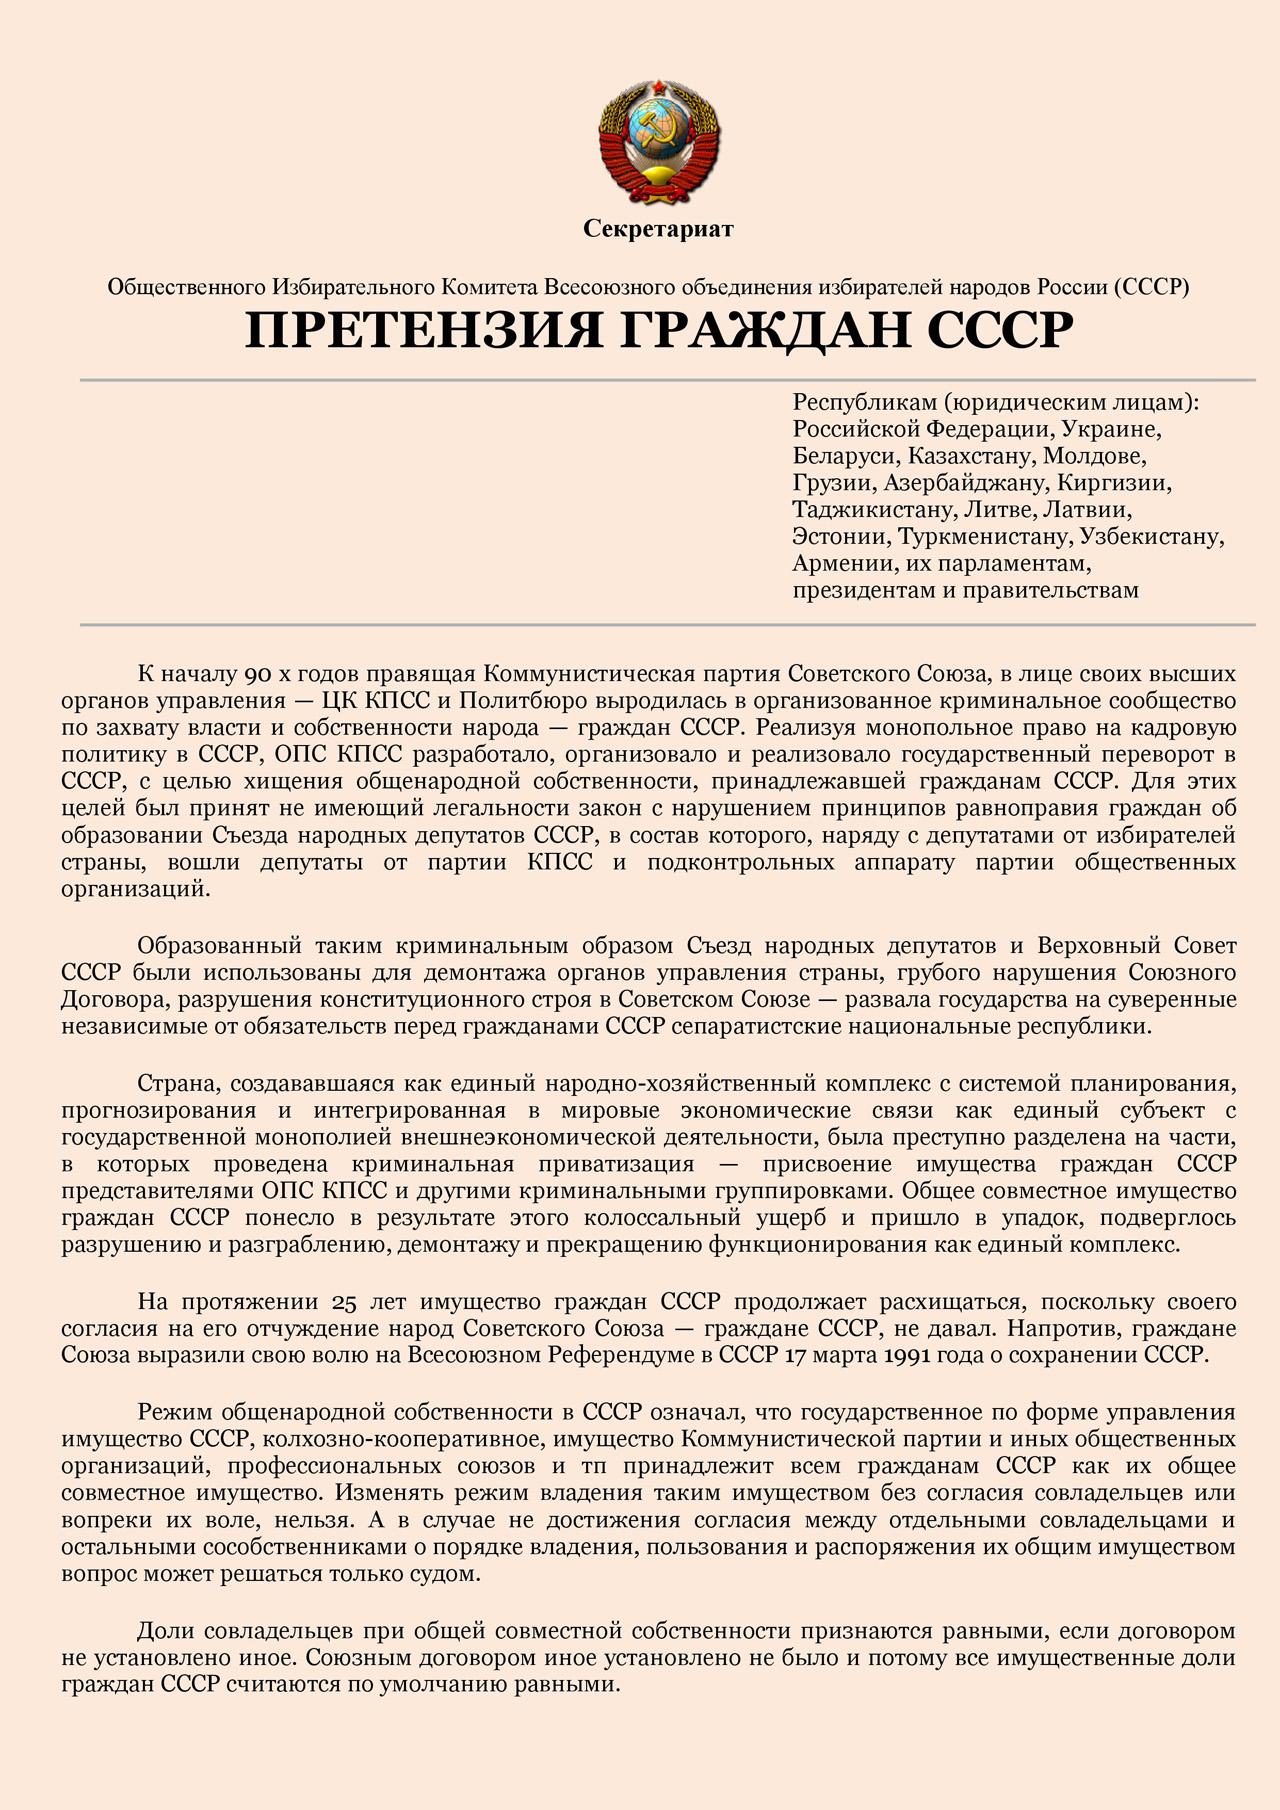 1_граждане_СССР_миллионеры